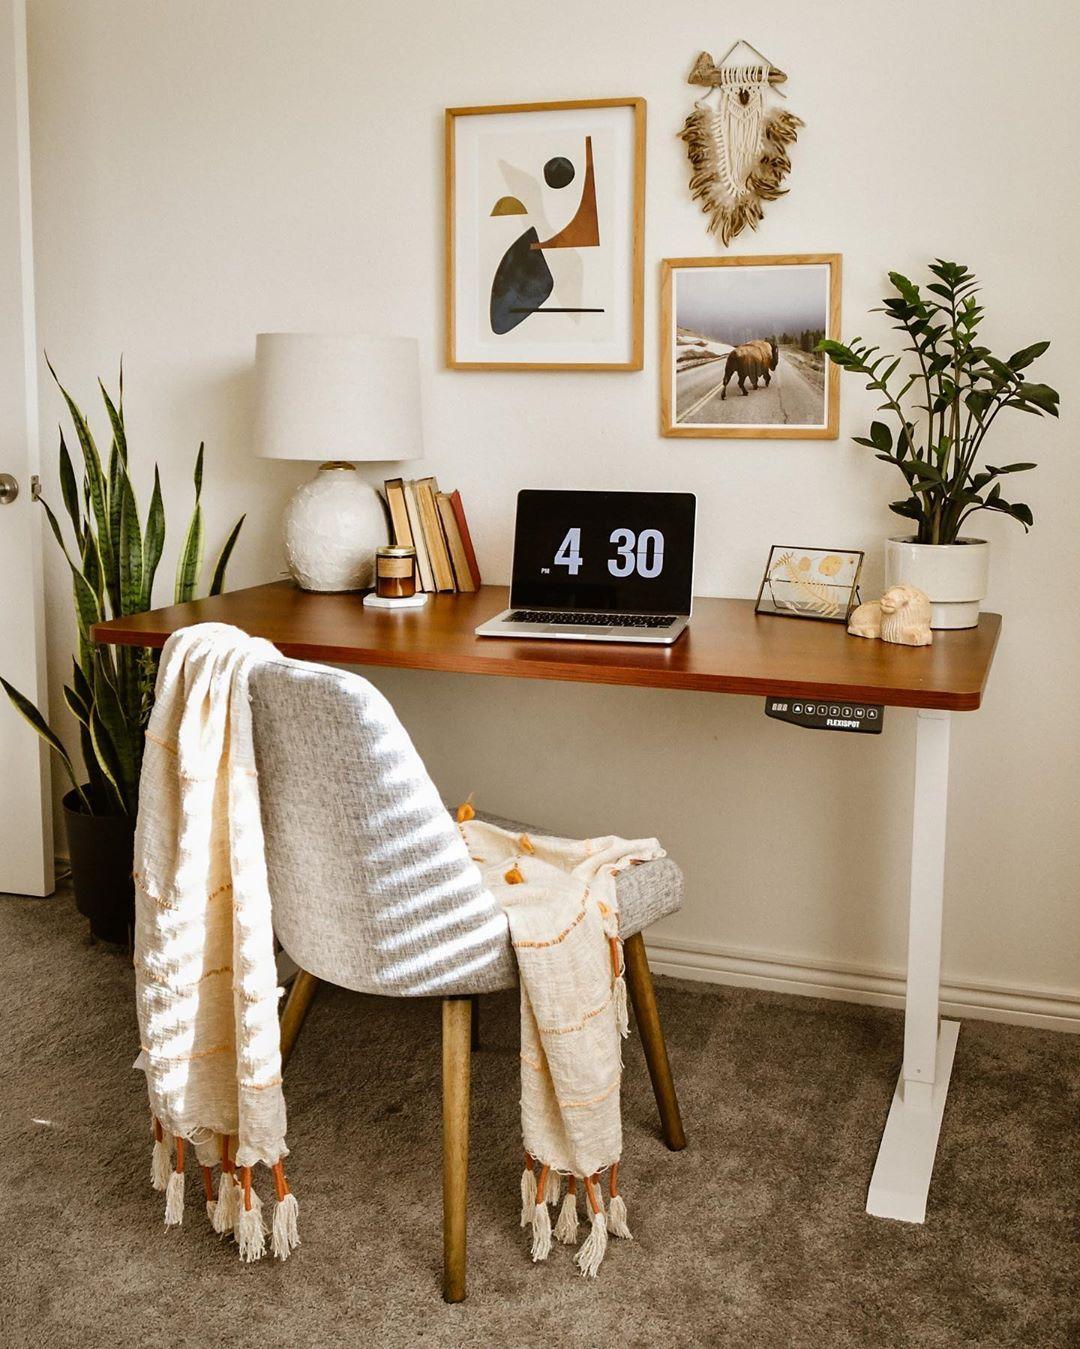 Cozy Homeoffice Decor: Home Decor , Room Decor , Home Desk